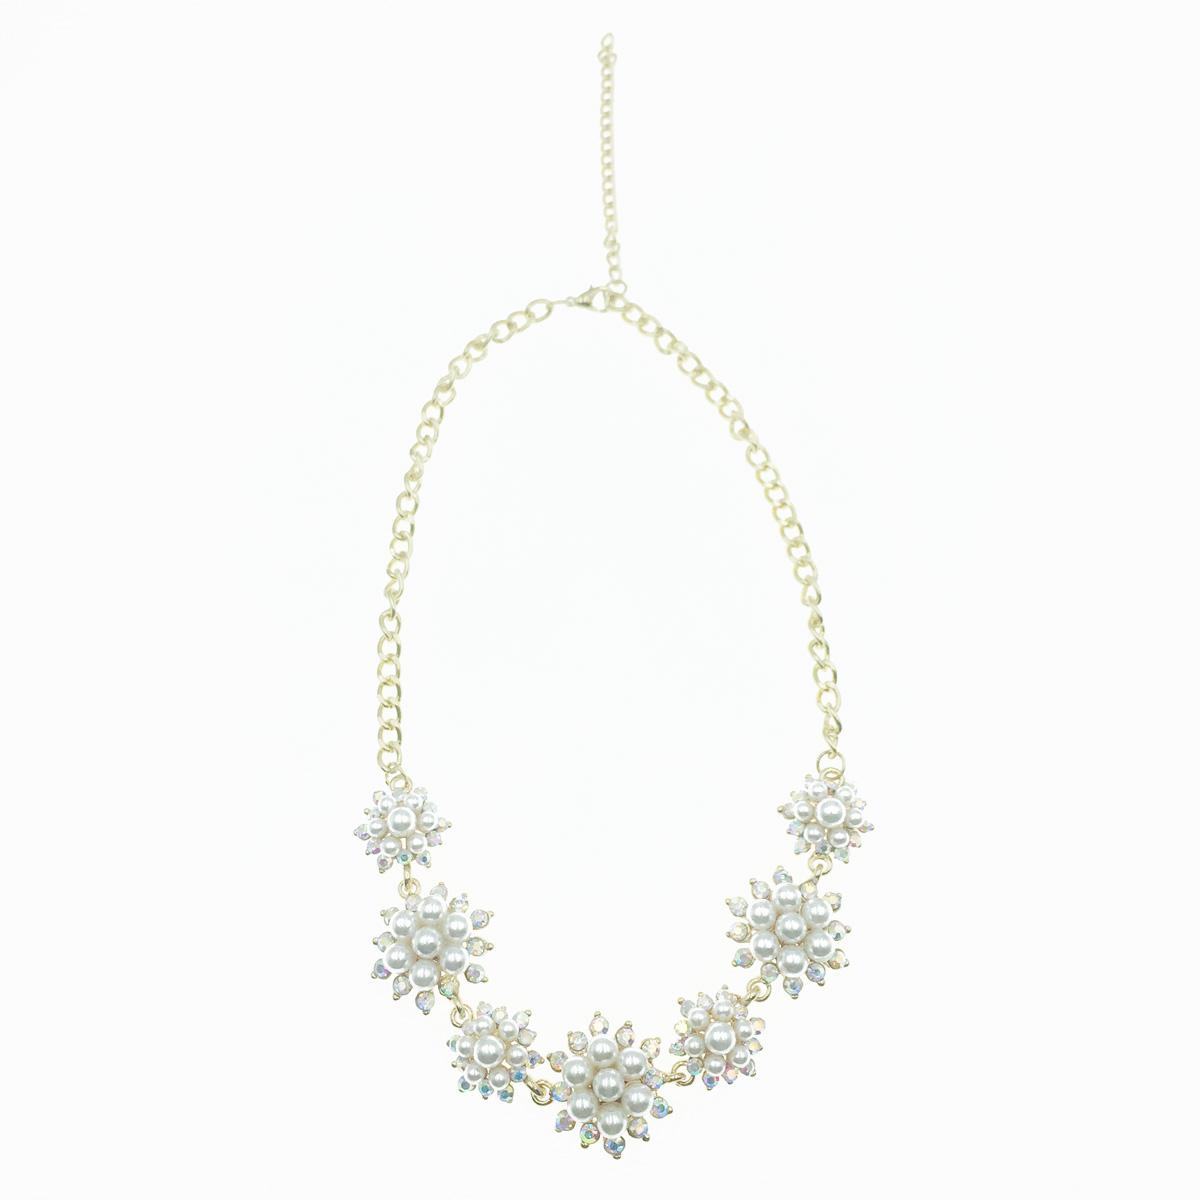 韓國 珍珠 水鑽花 高貴 華麗款 項鍊